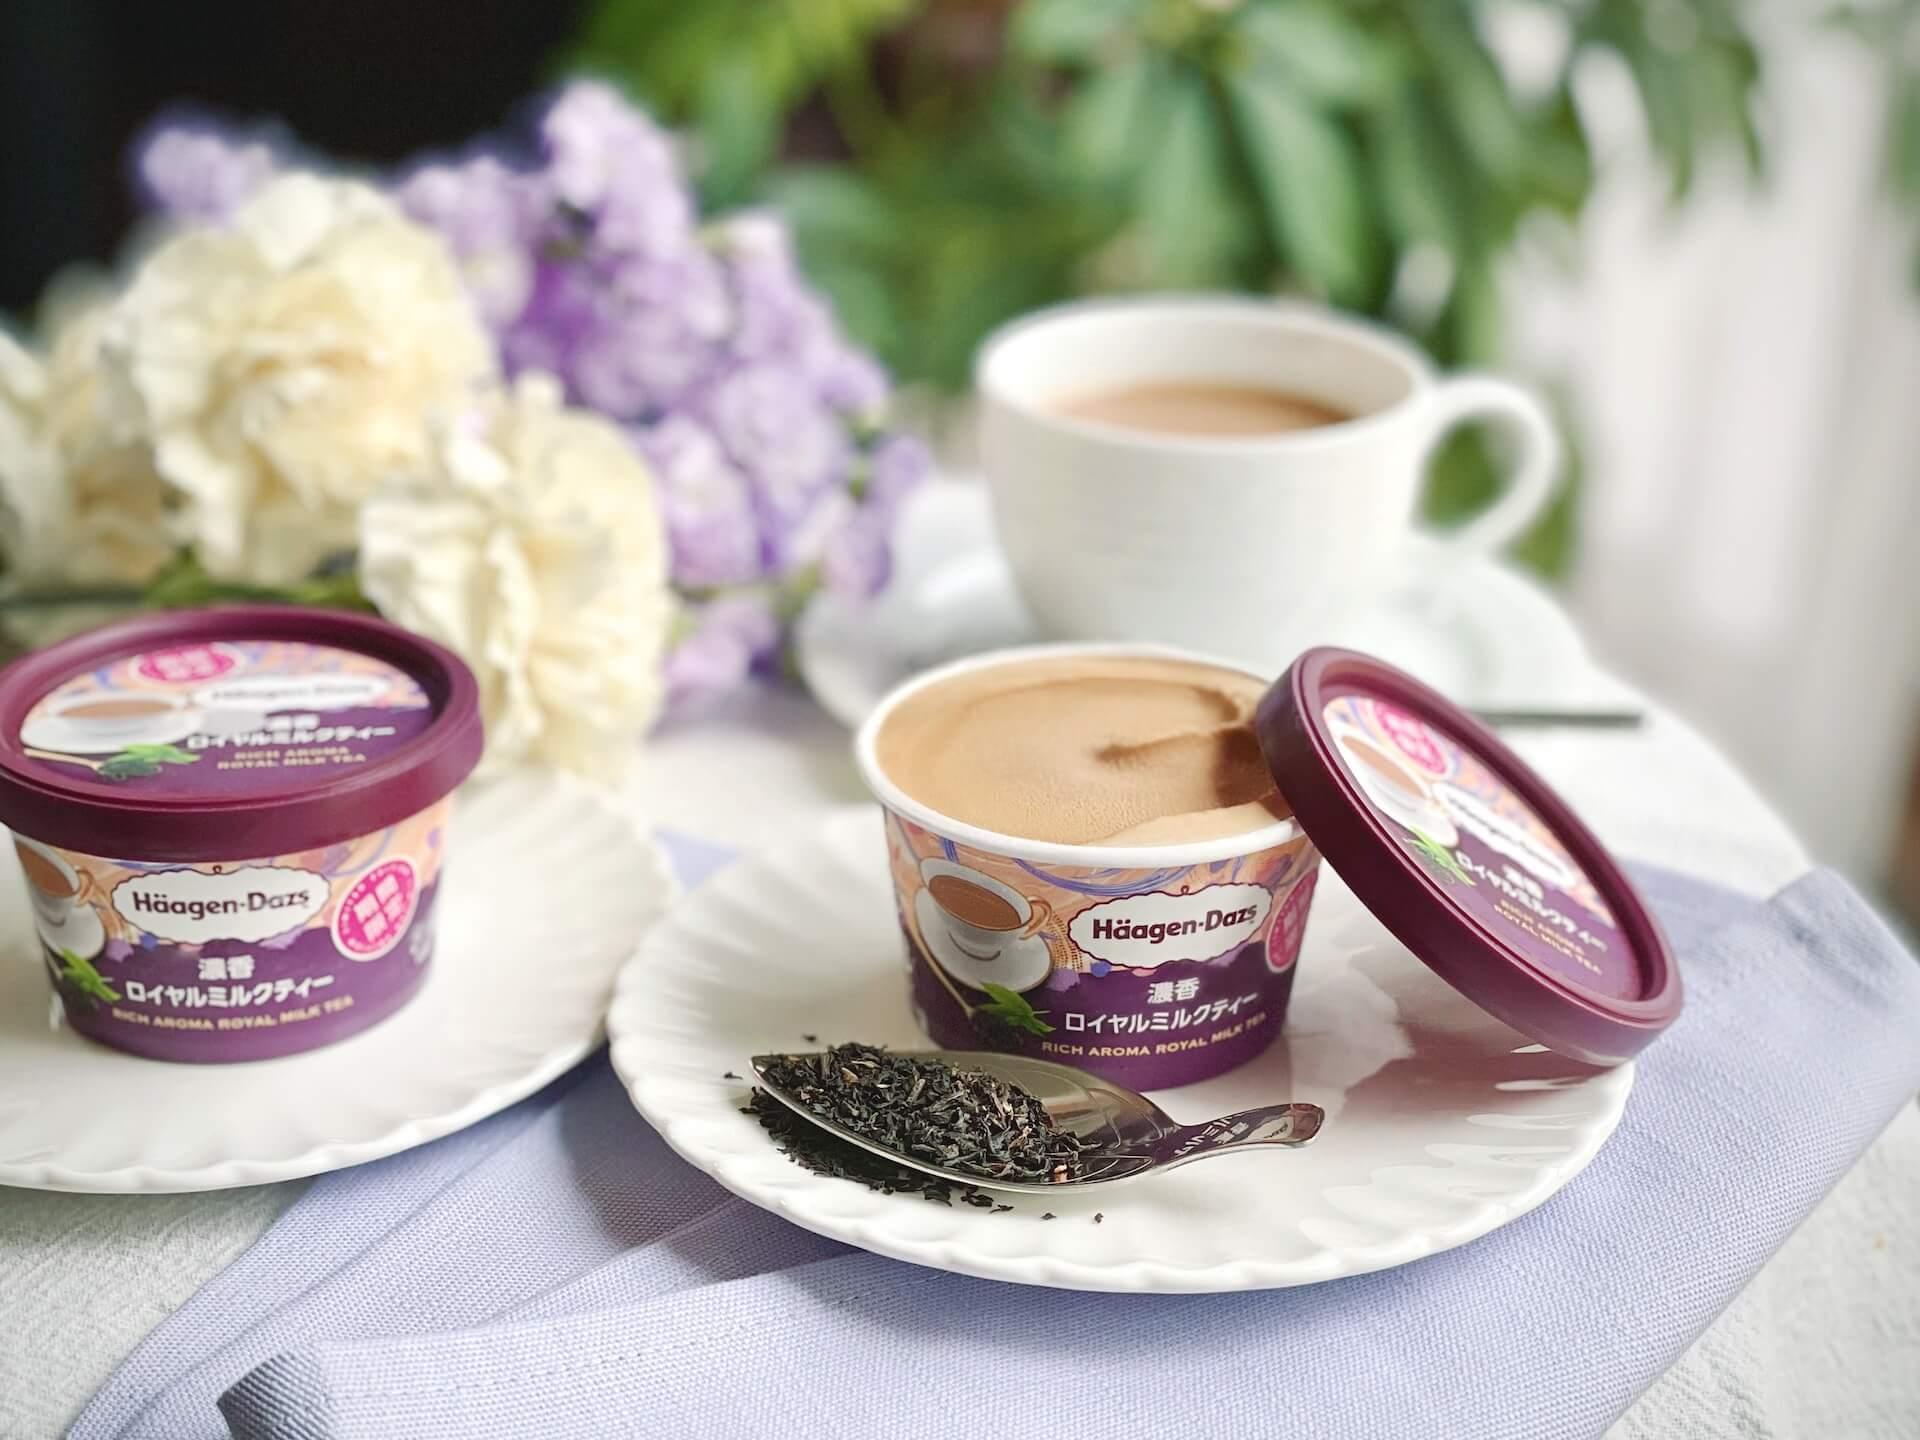 今度のハーゲンダッツは濃く香るロイヤルミルクティー!ミニカップ『濃香ロイヤルミルクティー』が期間限定発売 gourmet210524_haagendazs_4